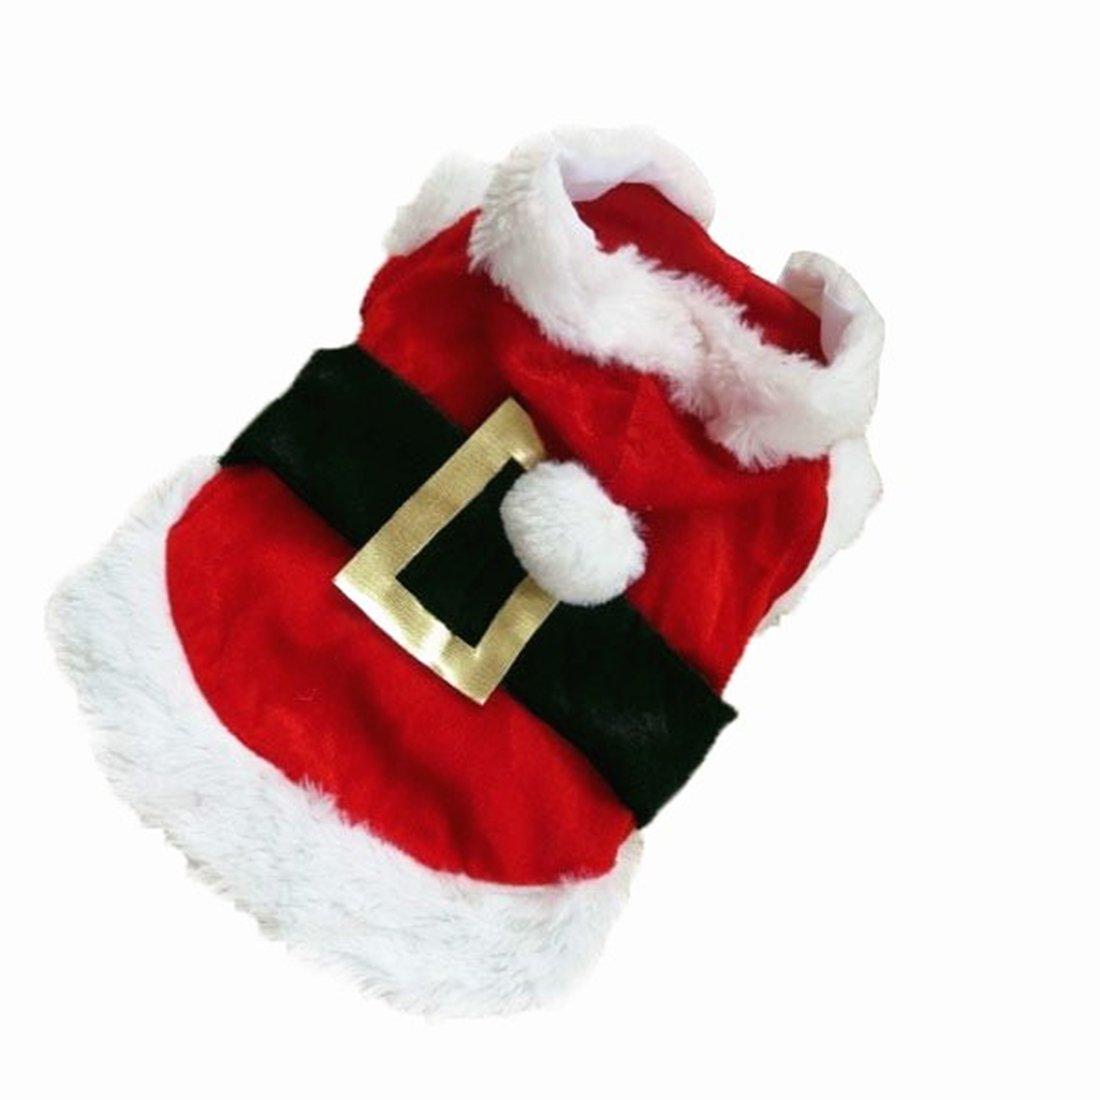 Idepet Nuevo traje de perro de Santa Navidad Algod/ón Ropa para mascotas Abrigo con capucha de invierno Ropa para perros Ropa para mascotas Chihuahua Yorkshire Caniche